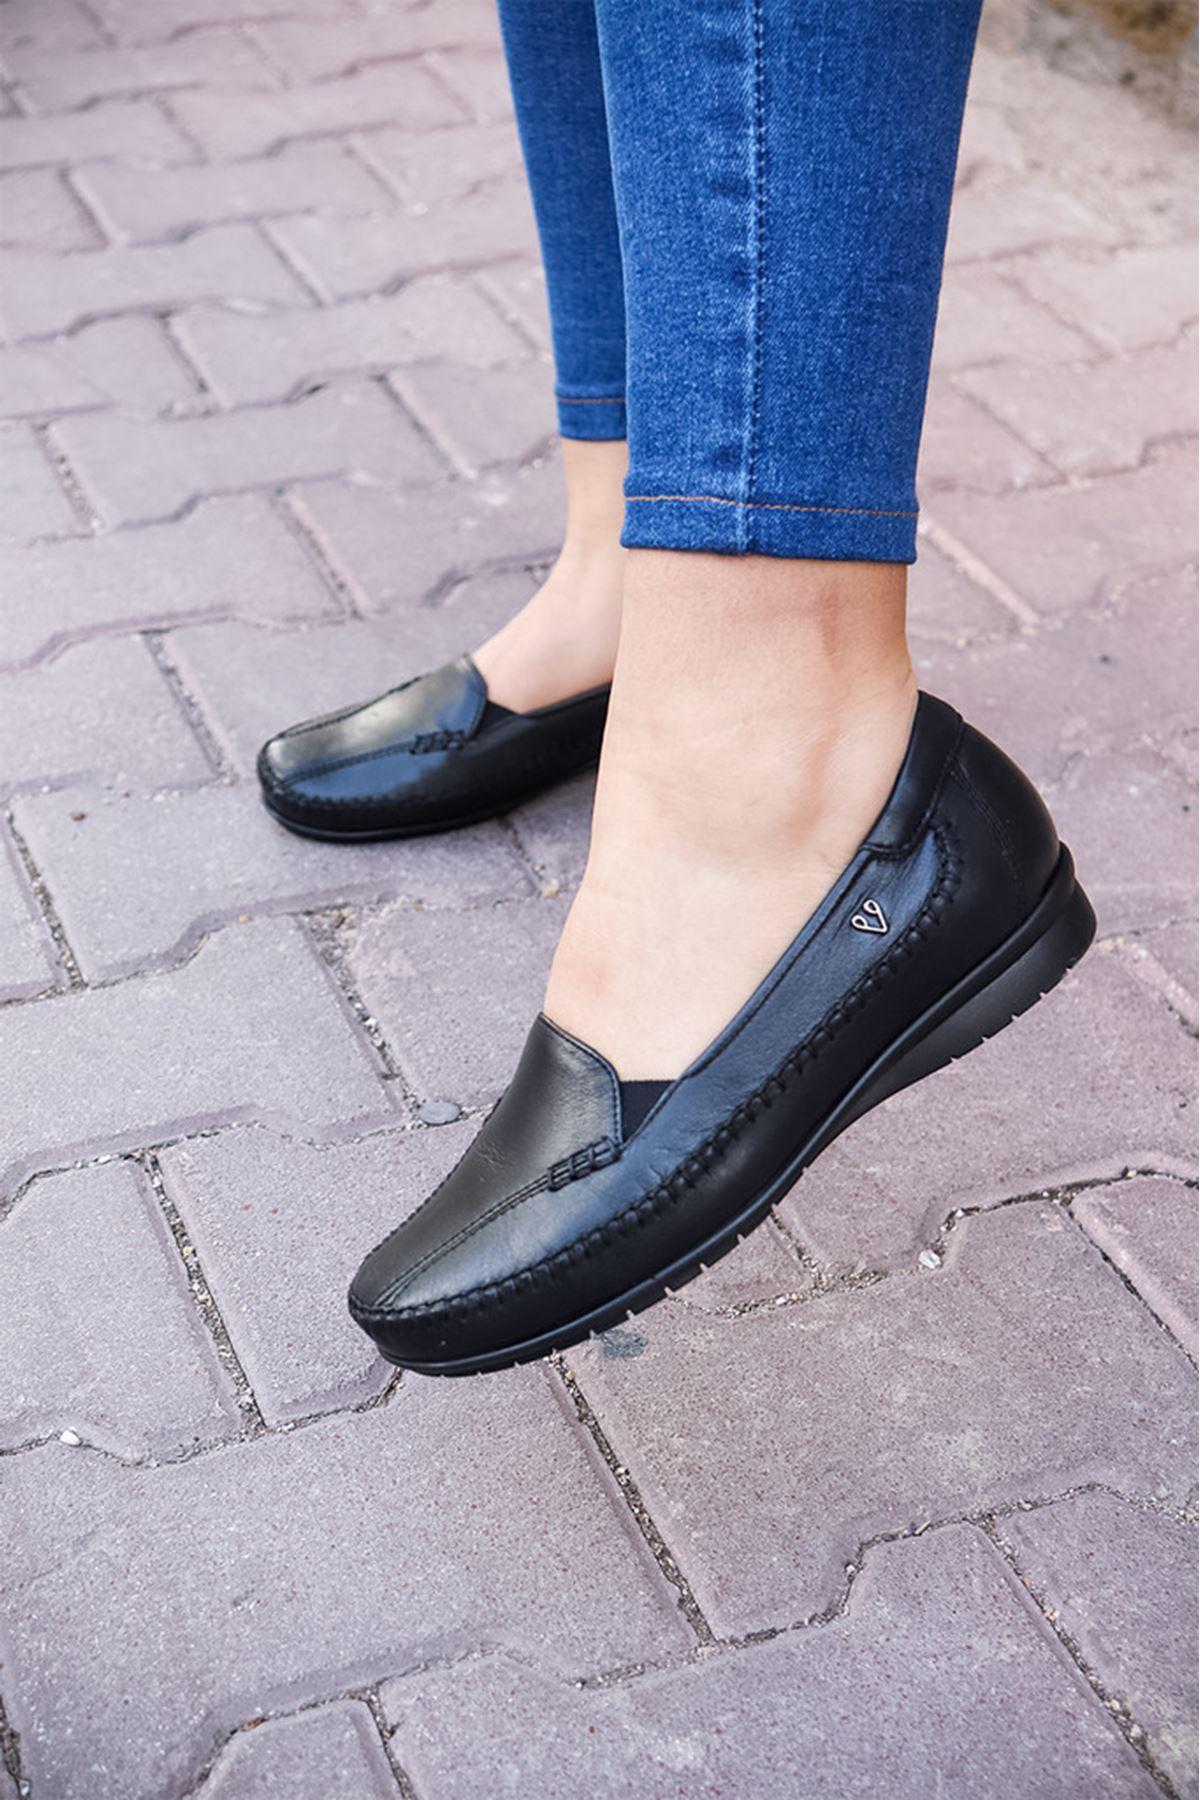 Forelli - 51306 Siyah Kadın Ayakkabısı